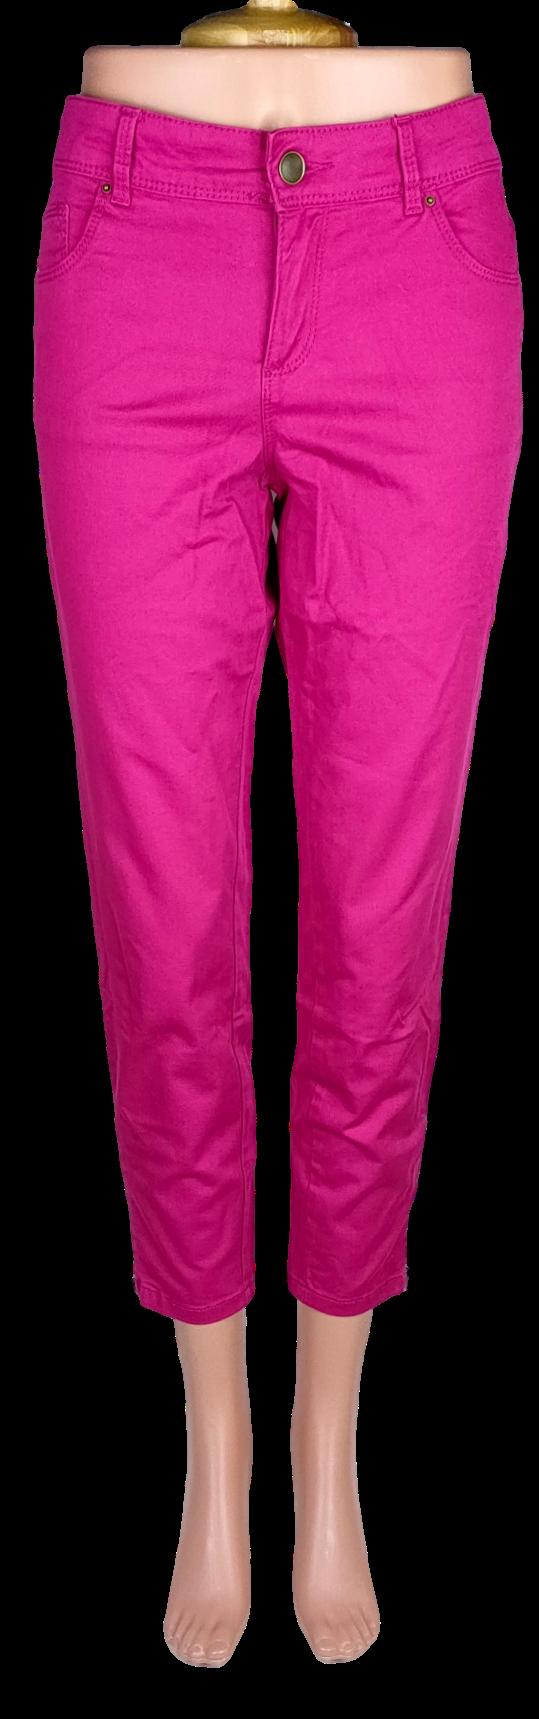 Pantalon Camaïeu -Taille 40